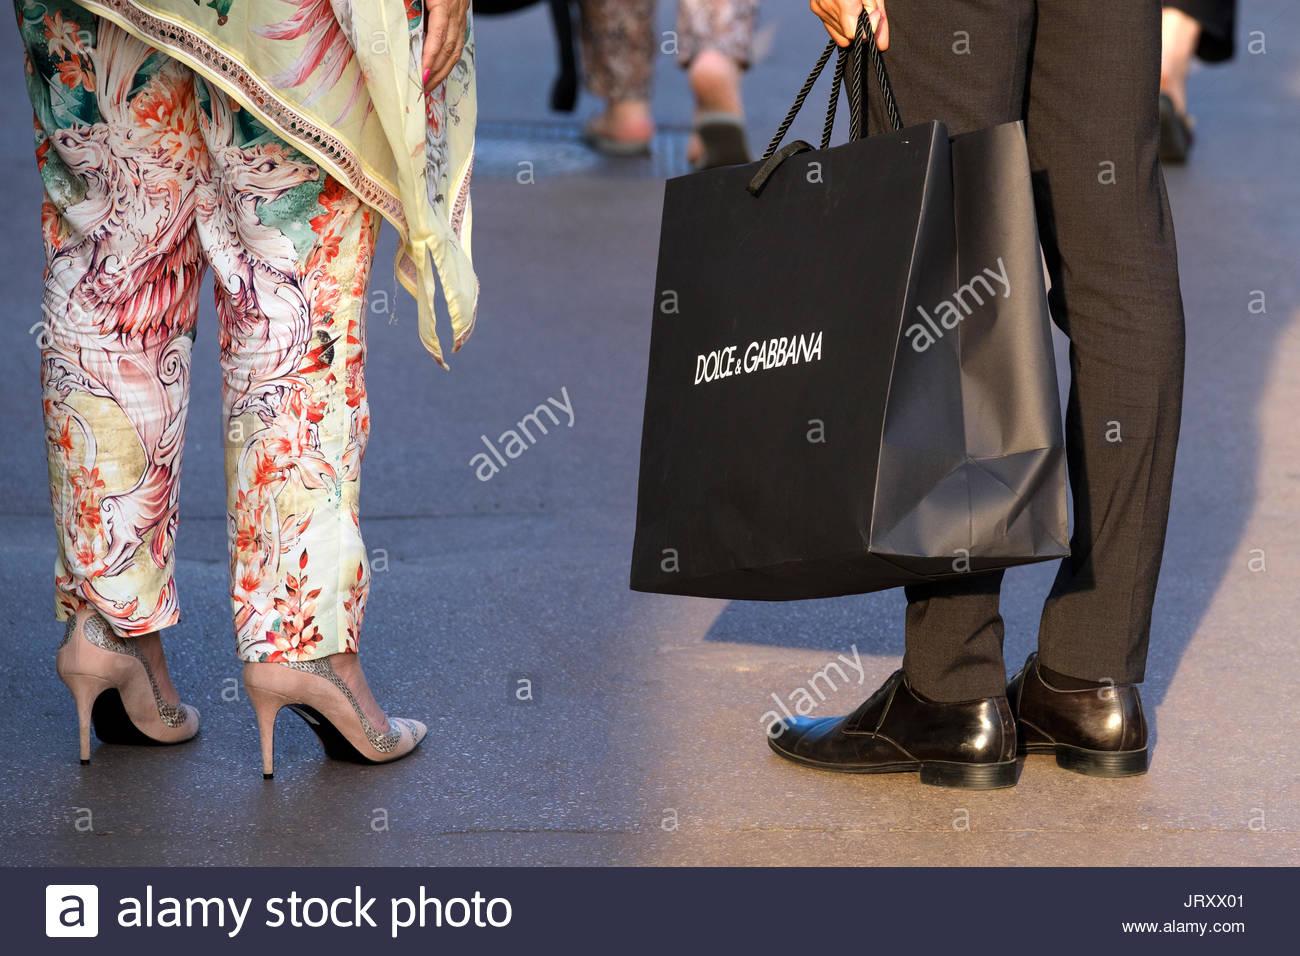 Eine persönliche Assistentin für den Dolci & Gabbana stoe in Cannes, Frankreich tragen der Einkaufstasche der Käufe von einem reichen Client gemacht, als sie Blätter Stockbild